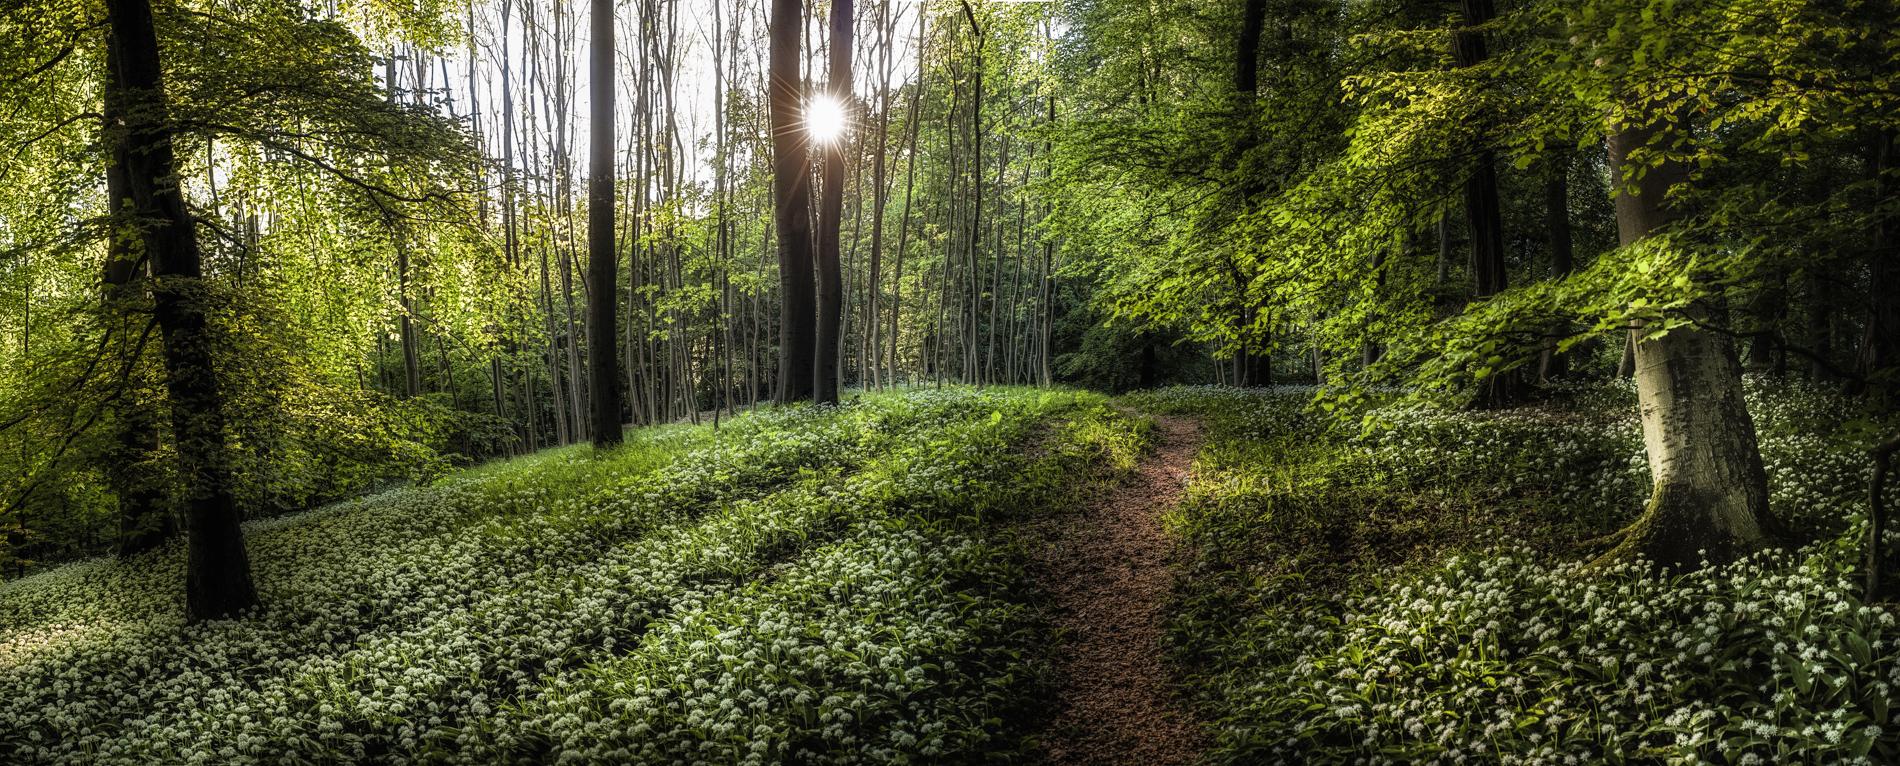 Die Morgensonne strahlt, zieht durch das frische Grün der Buchen und der Bärlauch steht in voller Blüte, ein perfekter Morgen zum Fotografieren.